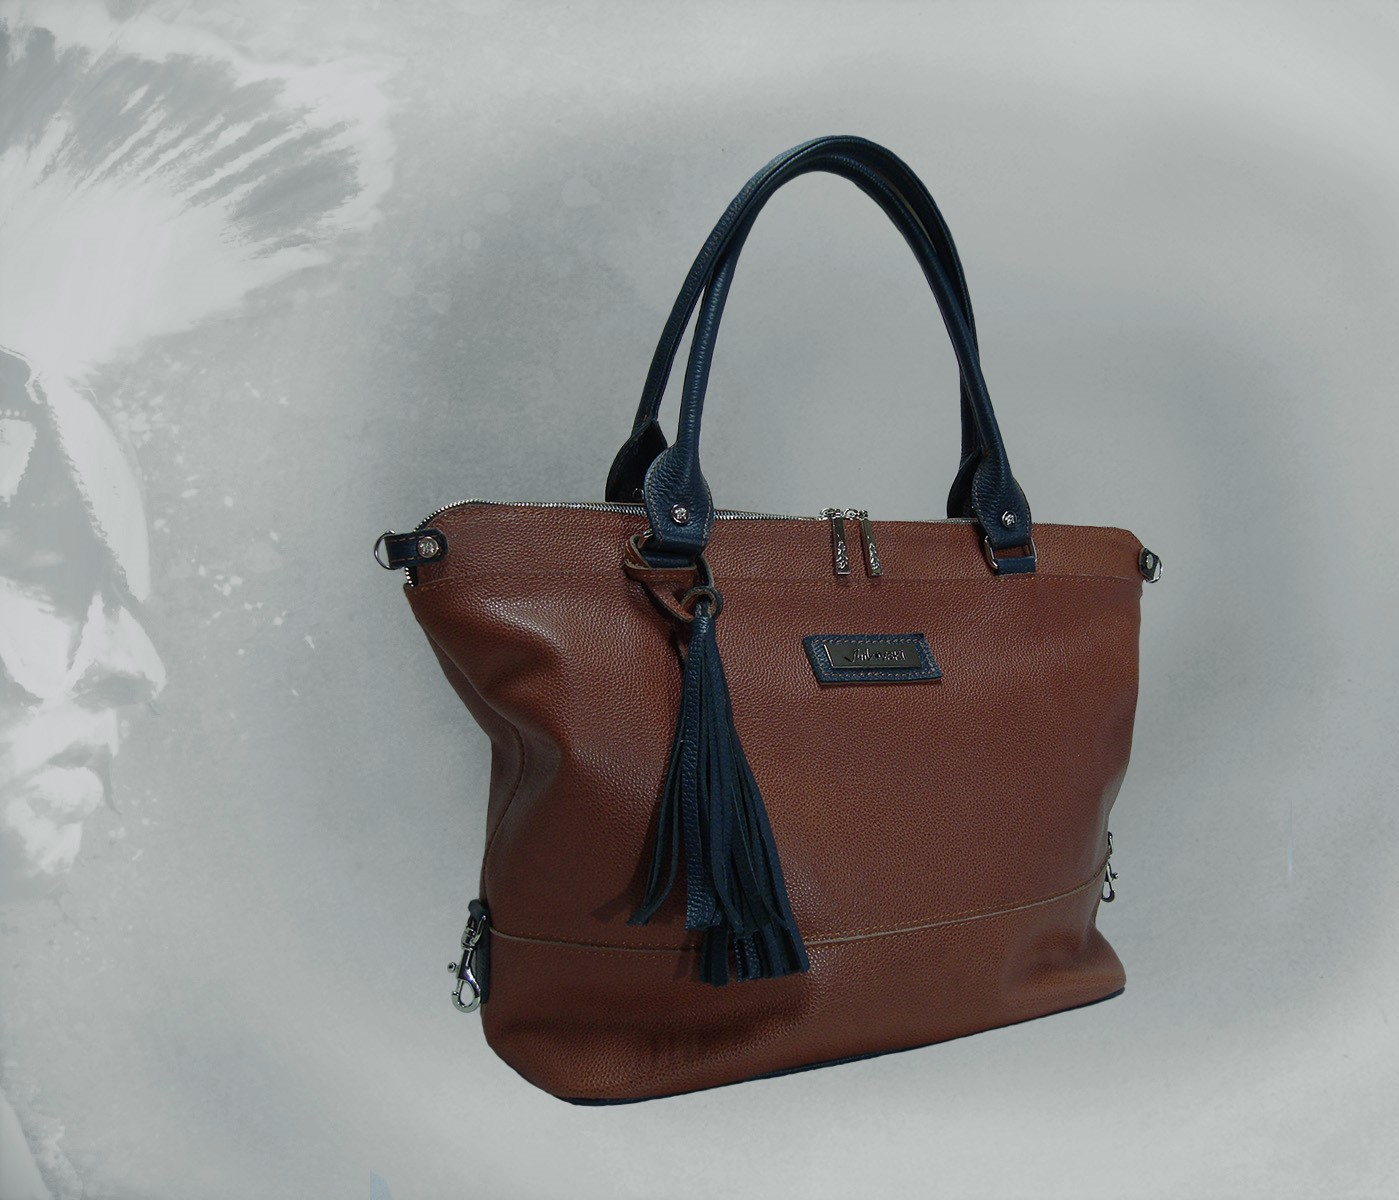 Сумка Модель №43Сумки и др. изделия из кожи<br>Высота сумки:31 см<br>Ширина сумки низ:35 см<br>Ширина сумки верх:47 см<br>Ширина дна:15 см<br>Длинна дна:35 см<br>Длинна ручек:55 см<br><br>Тип: Сумка<br>Размер: -<br>Материал: Натуральная кожа